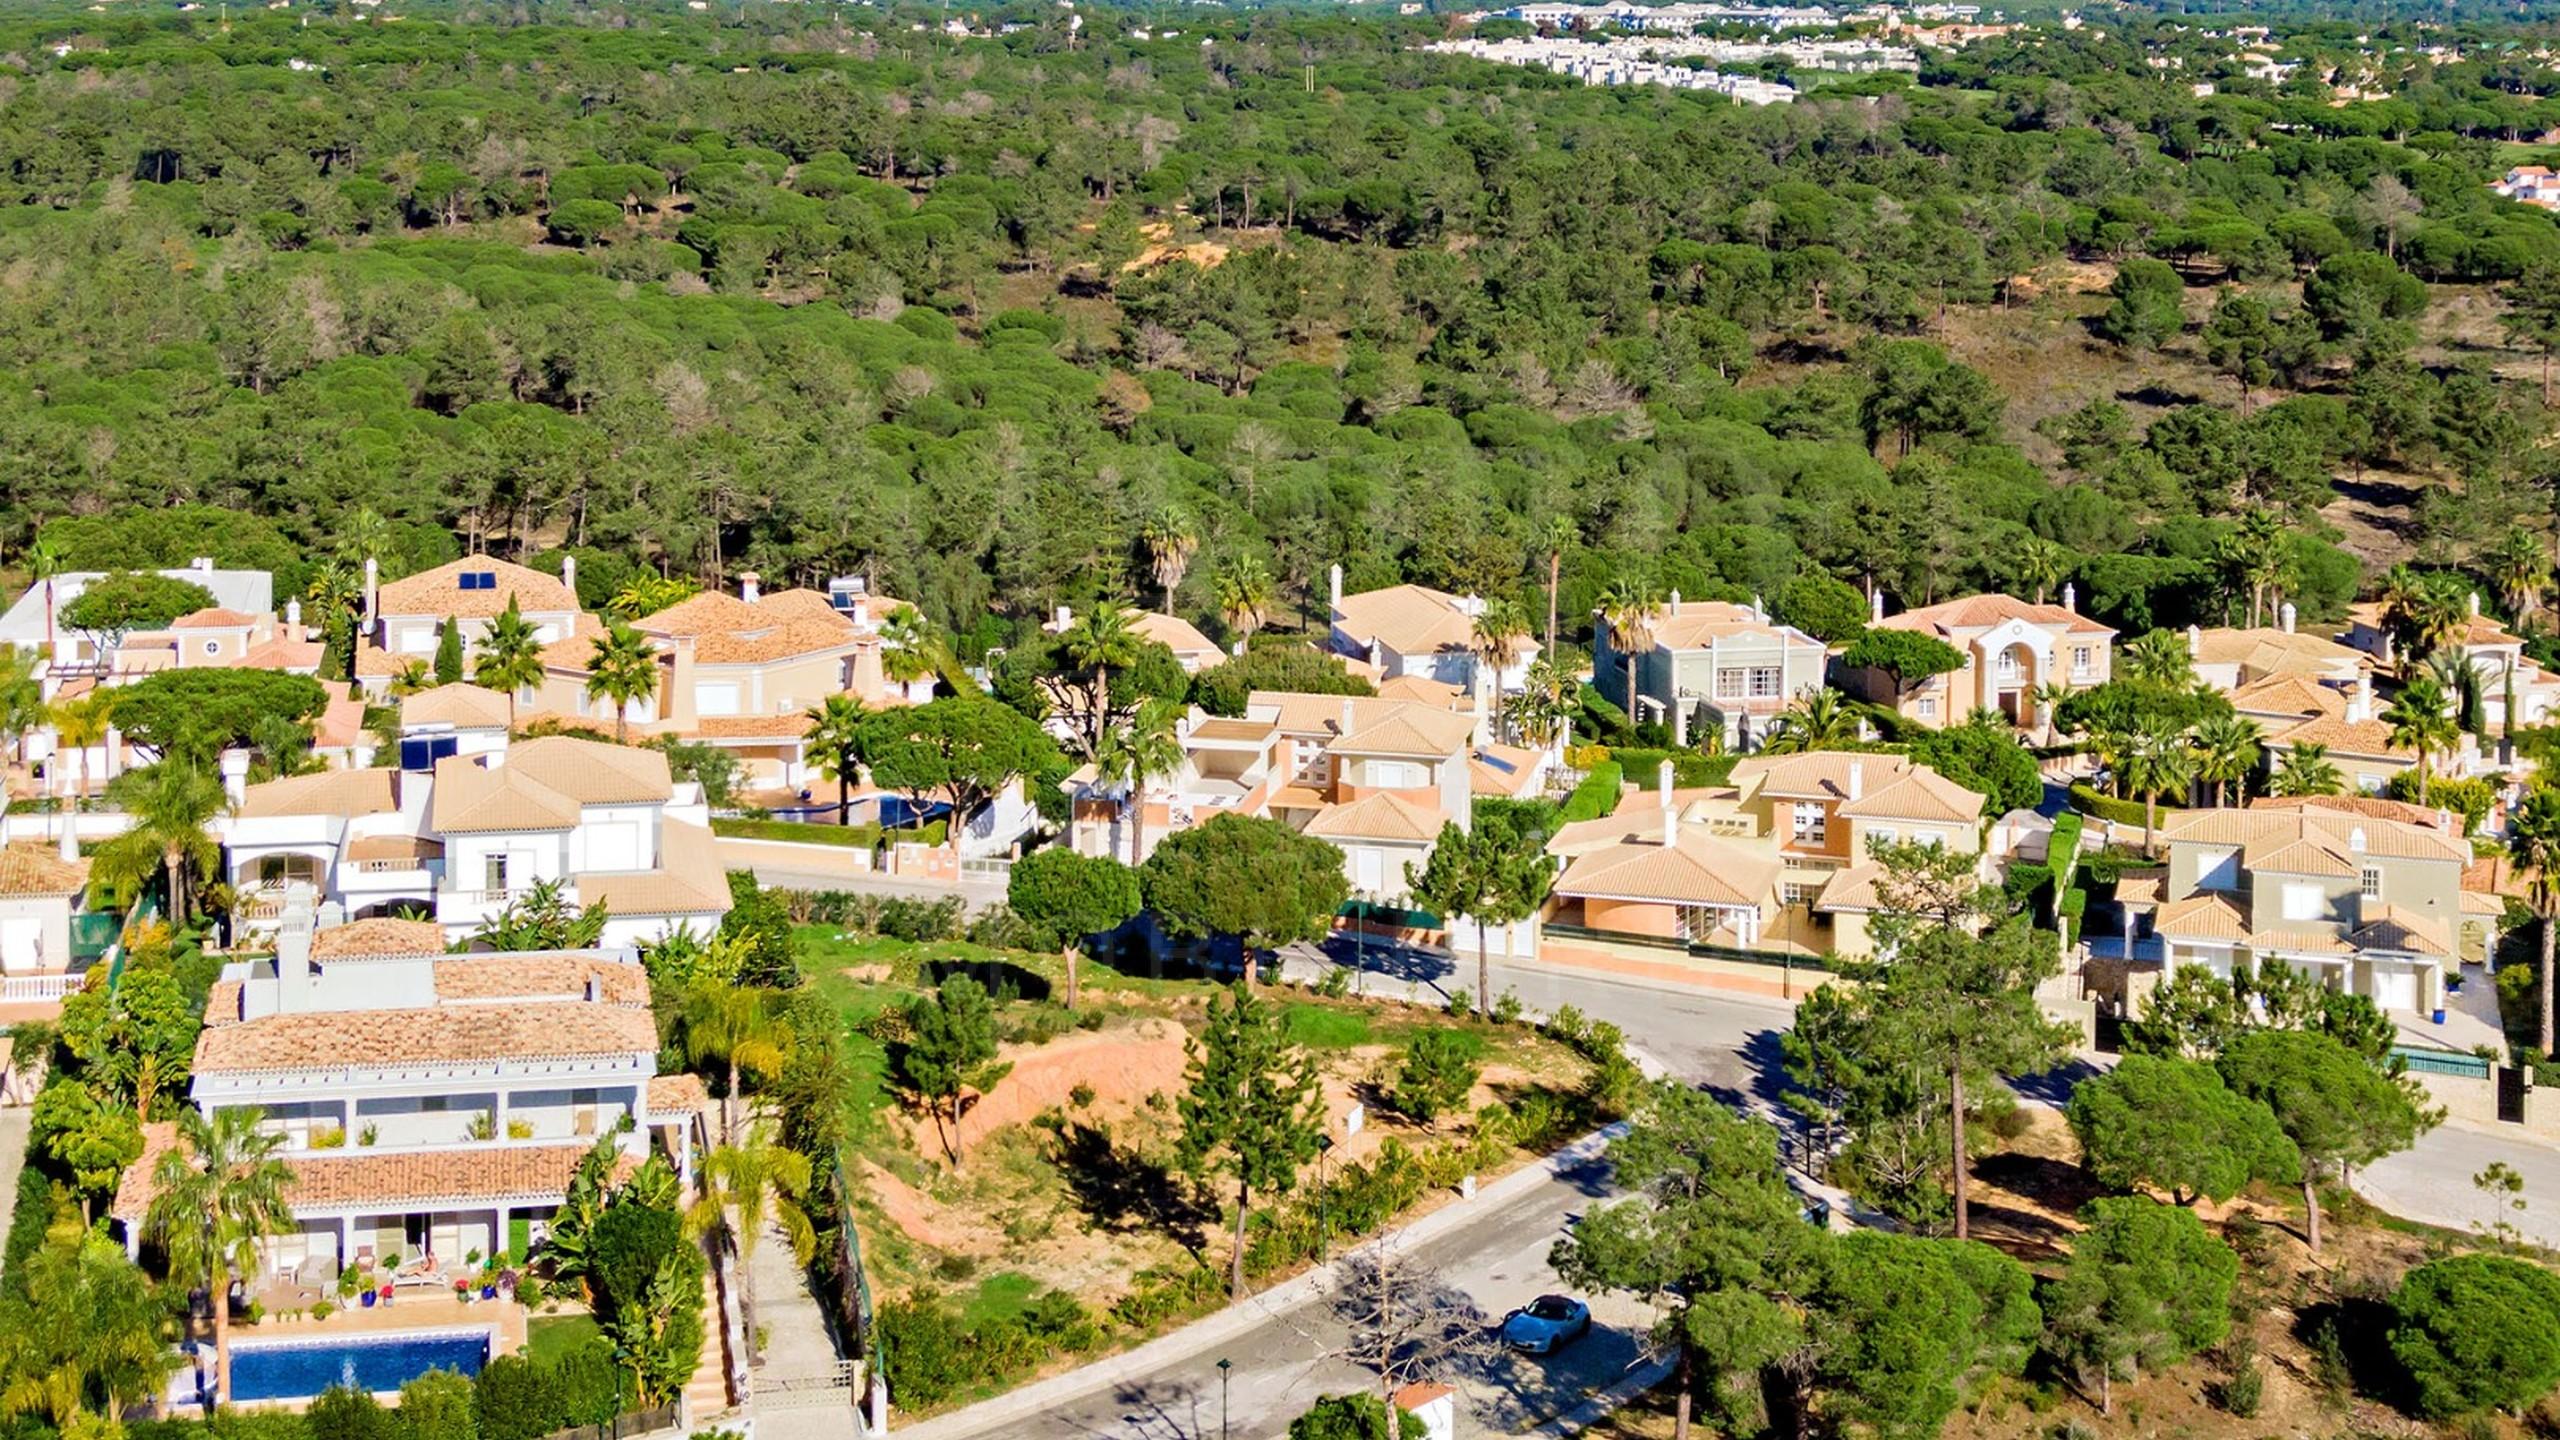 Terrain dans un endroit sécurisé en Algarve à vendre